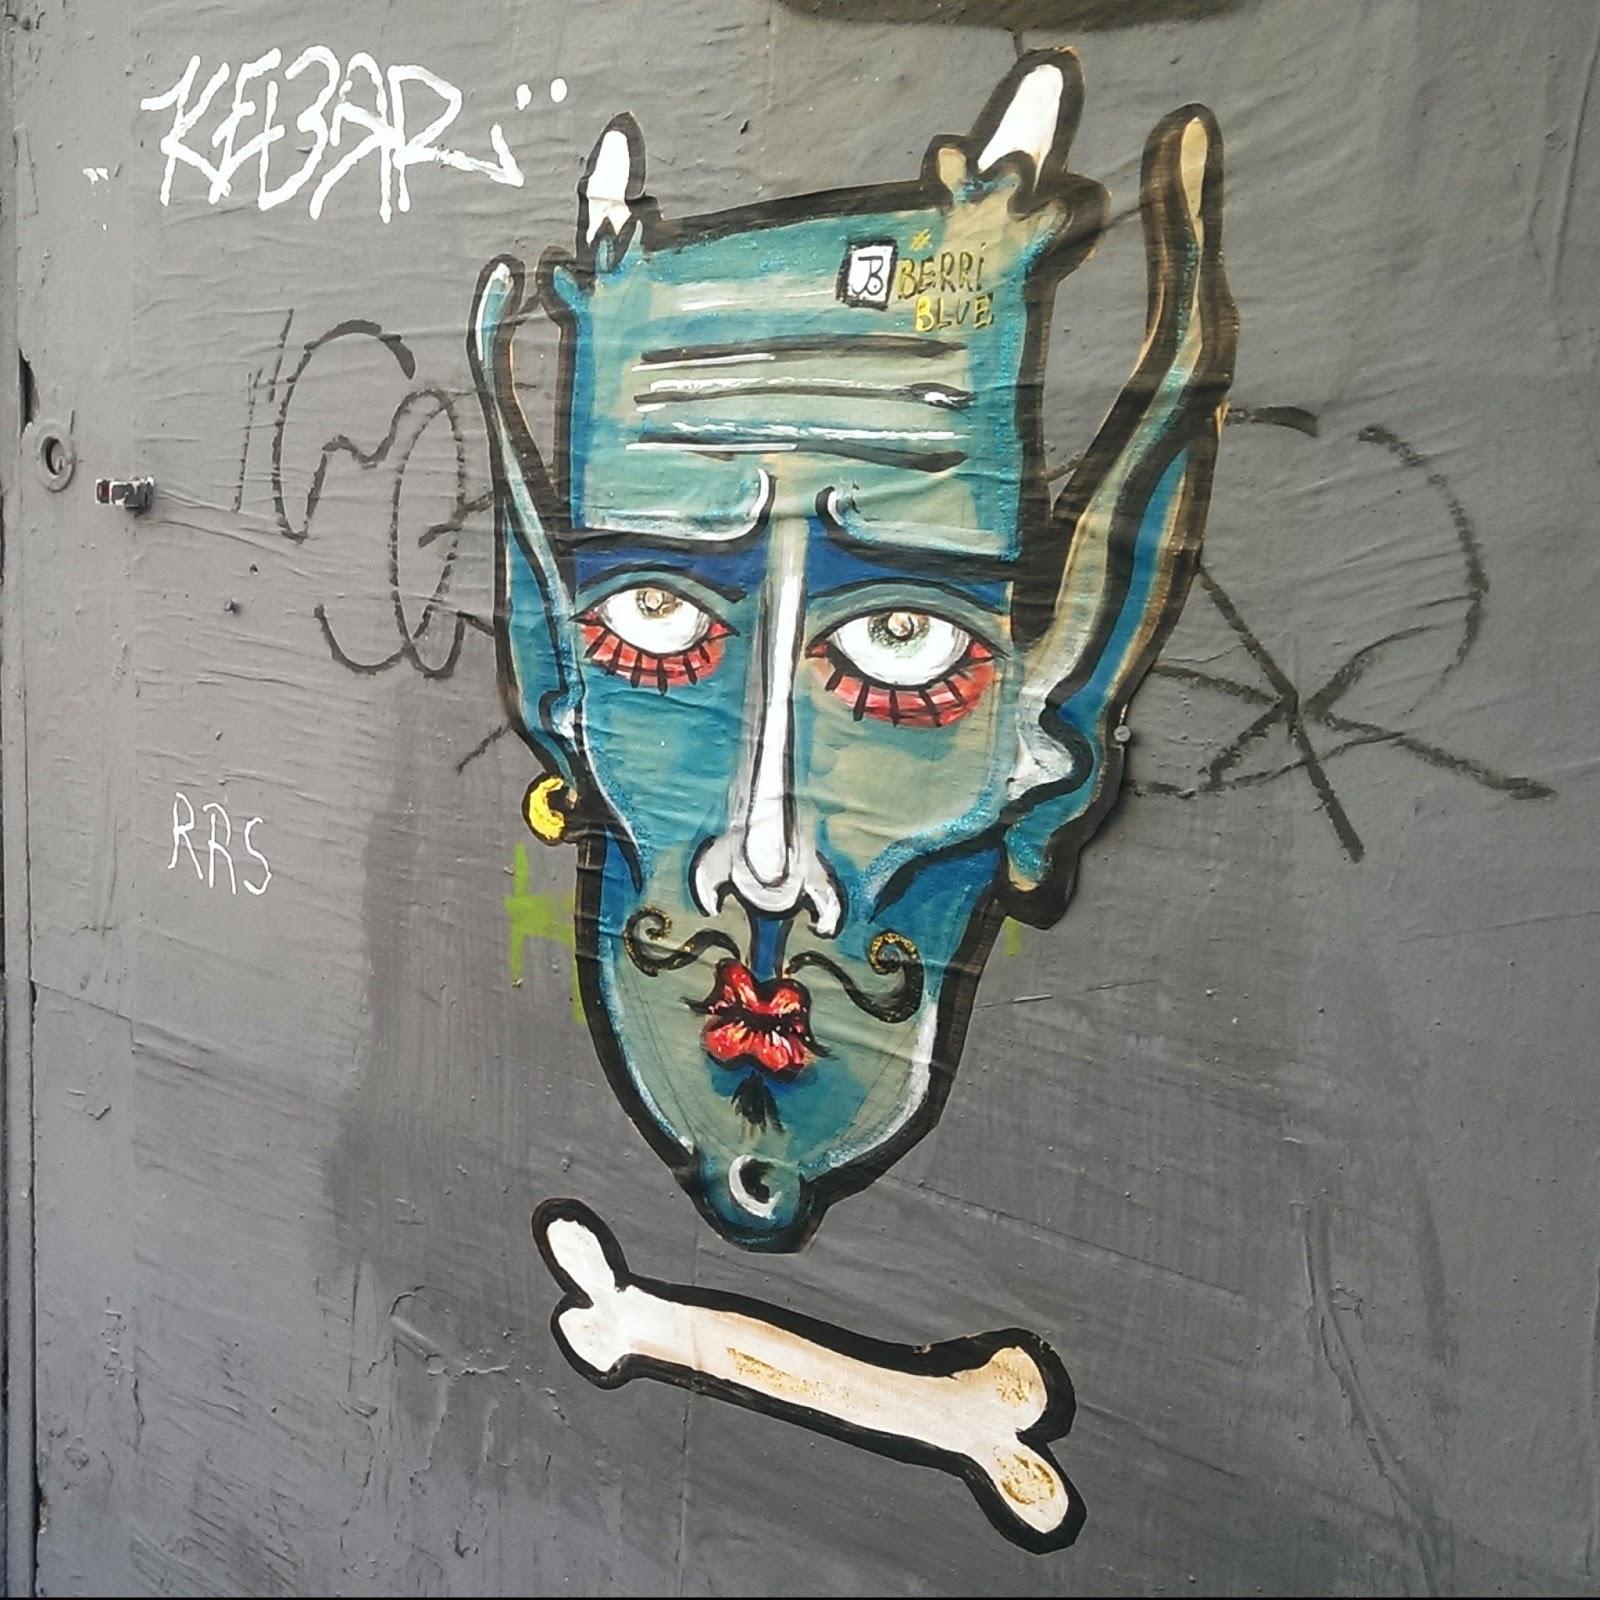 Street Art Berriblue Graffiti Devil Satan Demon Blue Face Bones